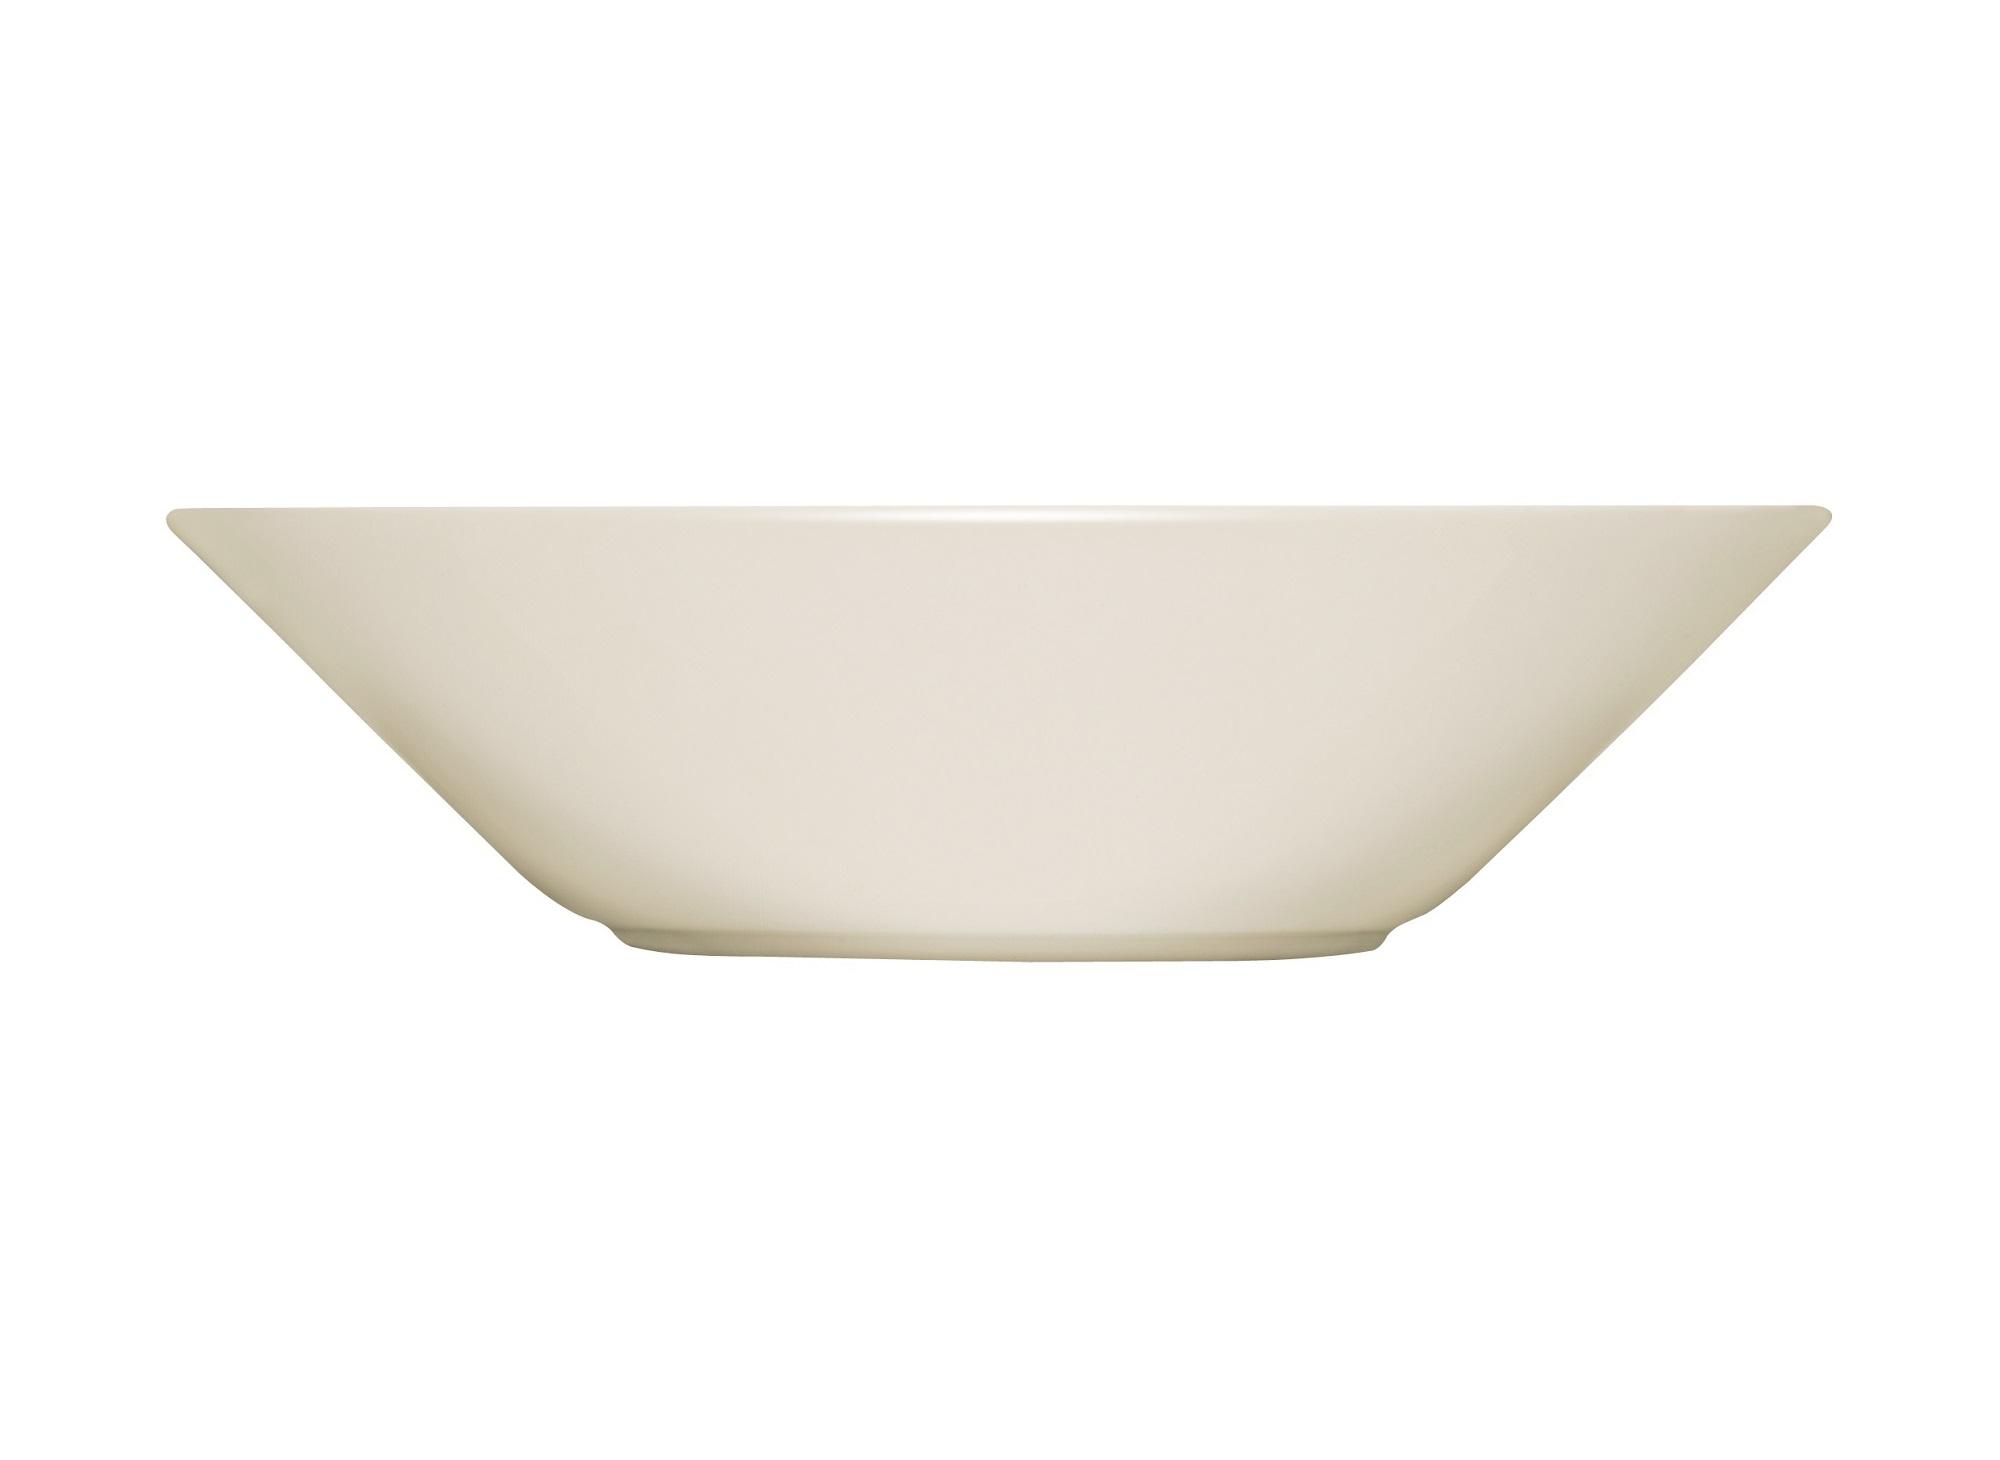 Тарелка глубокая TeemaТарелки<br>Teema - это классика дизайна Iittala, каждый продукт имеет чёткие геометрические формы: круг, квадрат и прямоугольник. Как говорит Кай Франк: «Цвет является единственным украшением». Посуда серии Teema является универсальной, её можно комбинировать с любой серией Iittala. Она практична и лаконична.<br><br>Material: Фарфор<br>Length см: None<br>Width см: None<br>Depth см: None<br>Height см: 5<br>Diameter см: 21